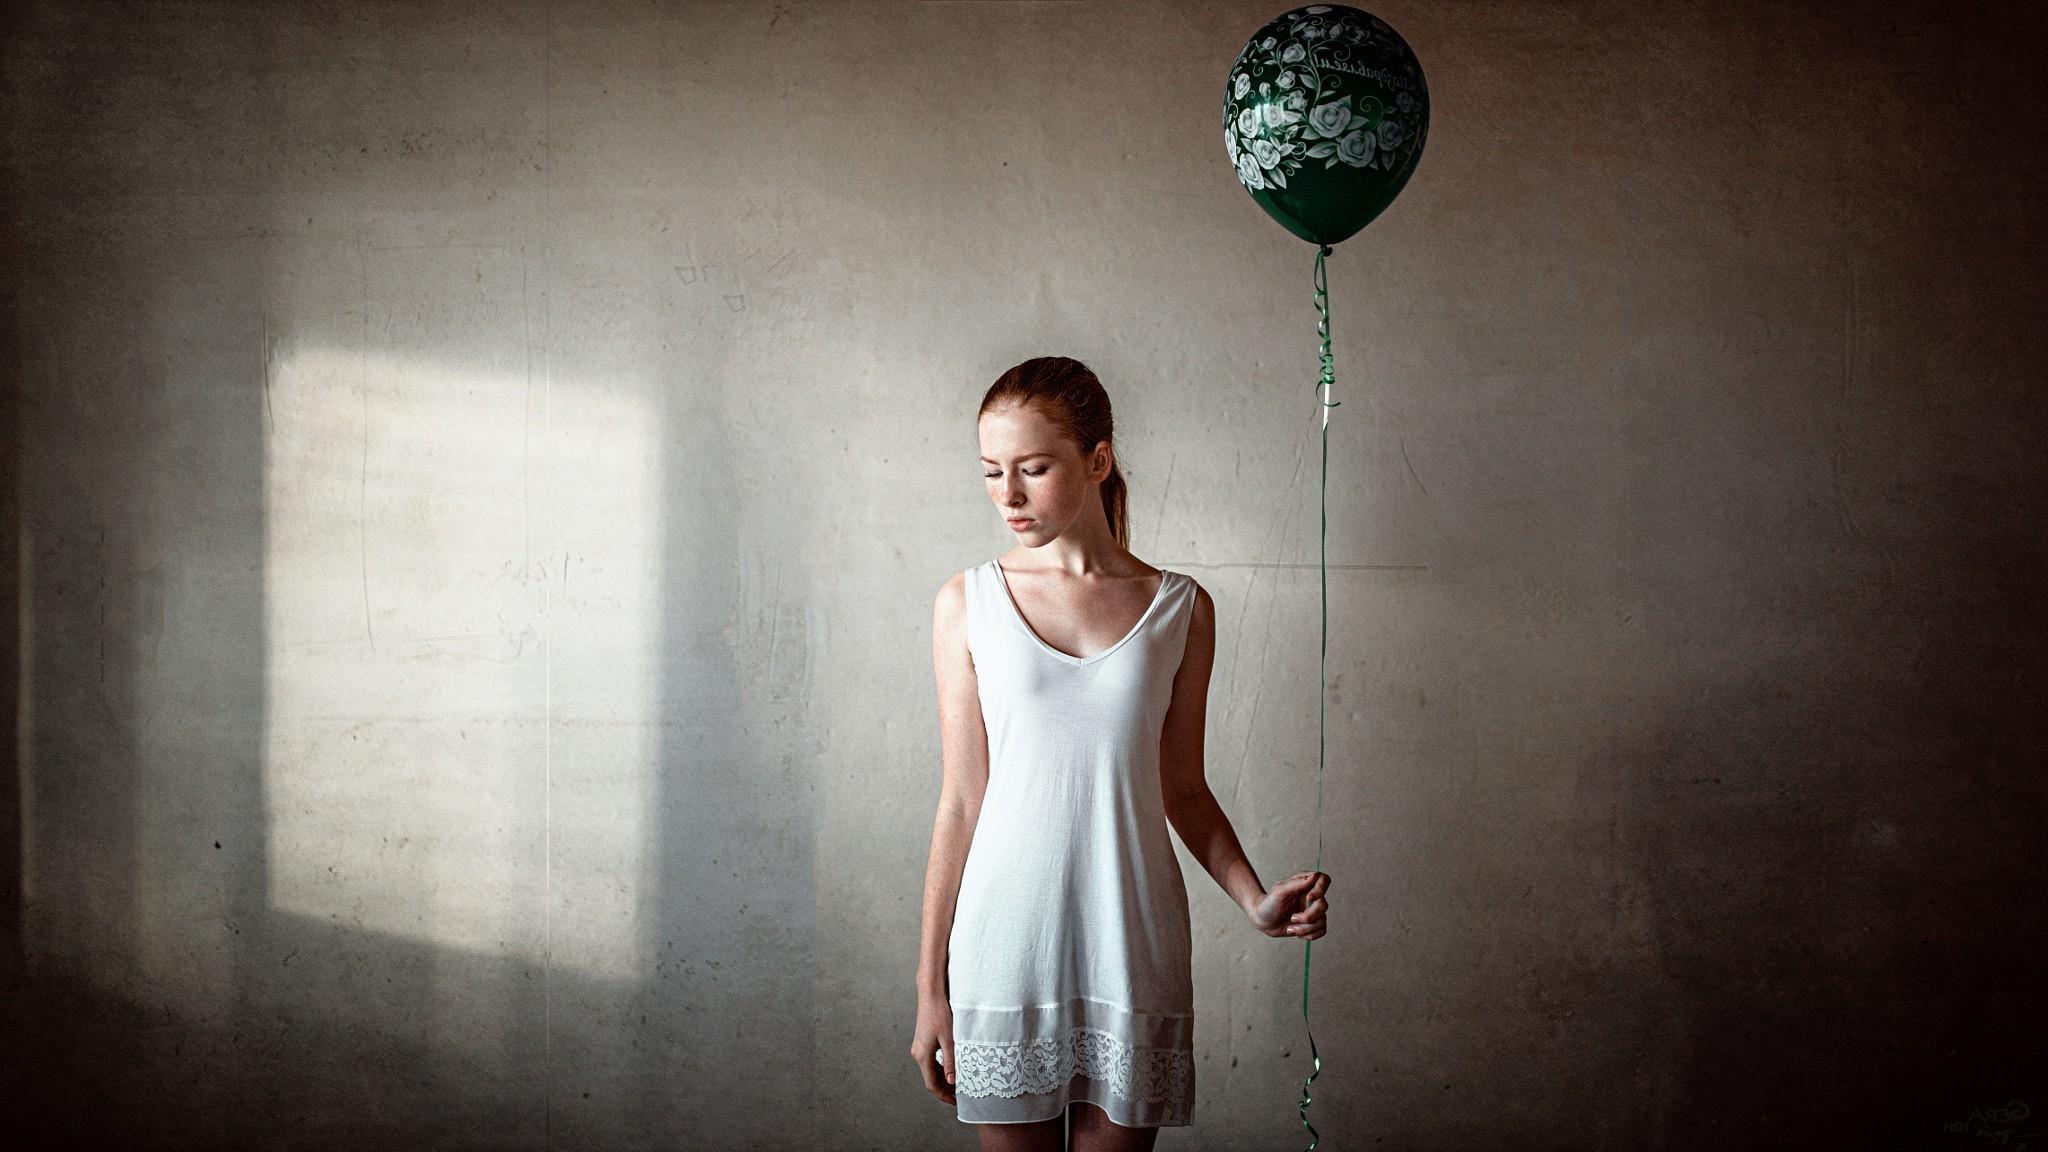 Fond Décran 2048x1152 Px Ballon Des Ballons Taches De